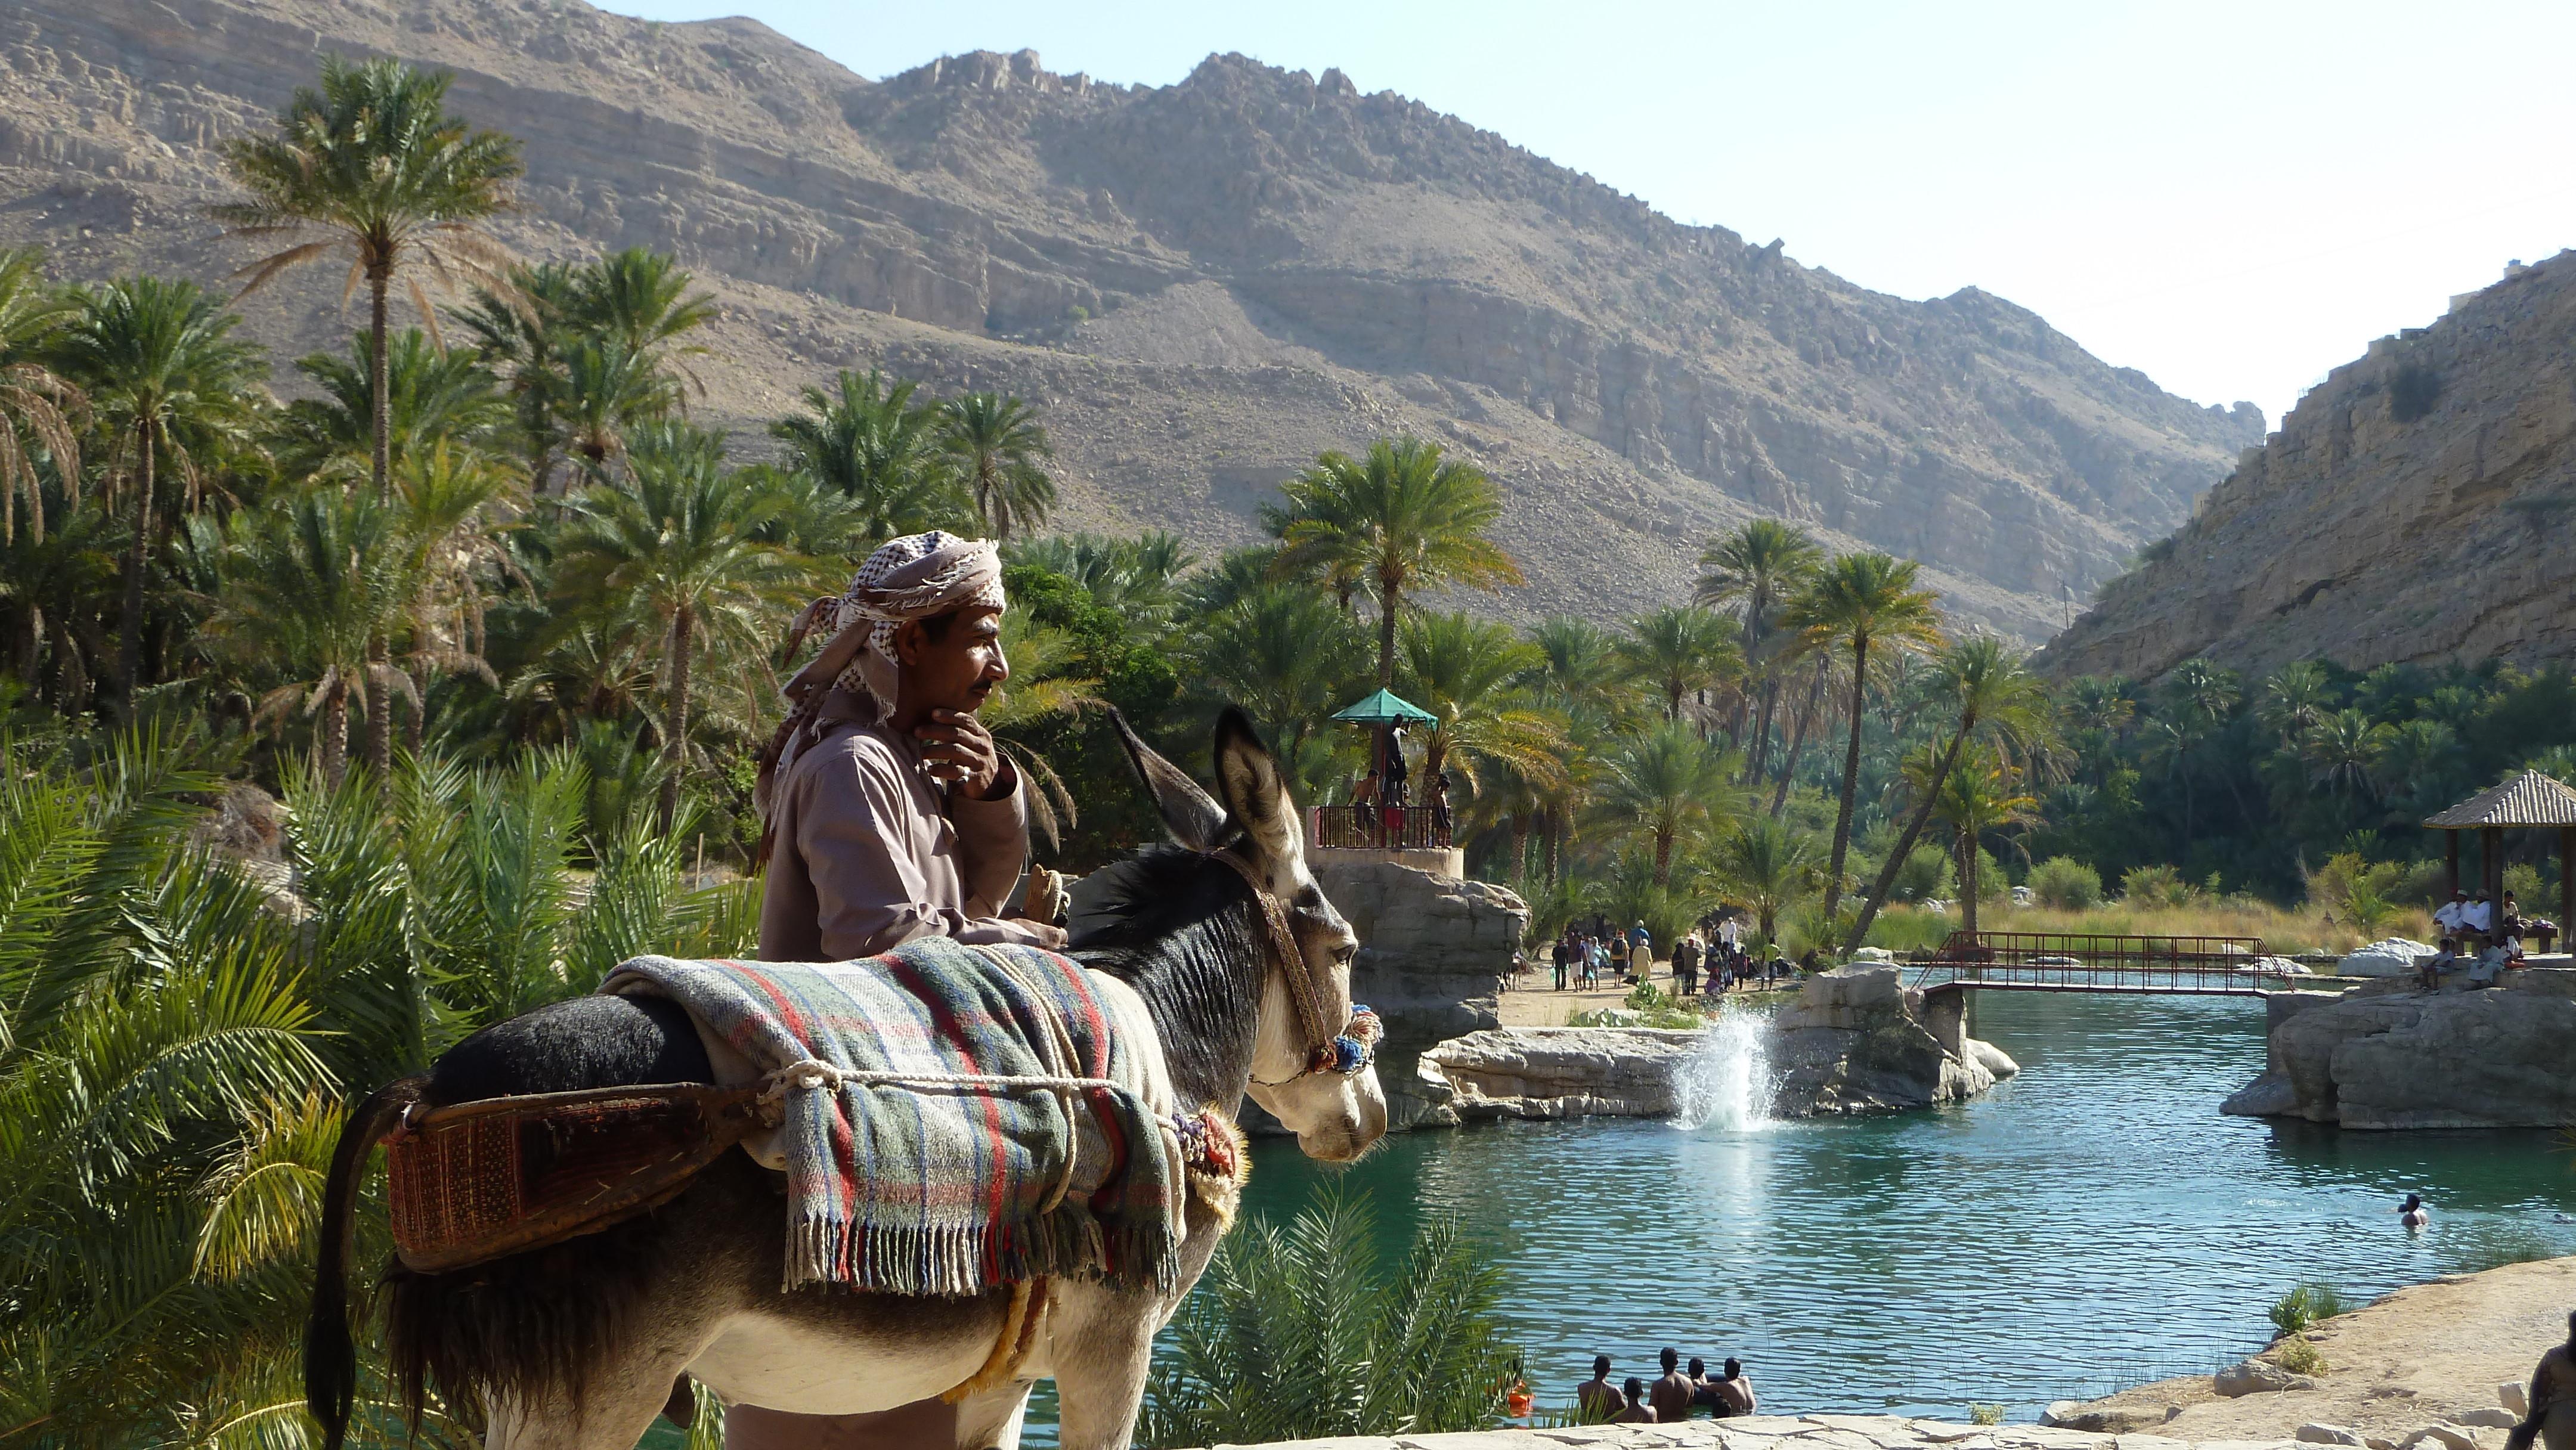 Oase inmitten der Wüste - das Wadi Bani Khalid